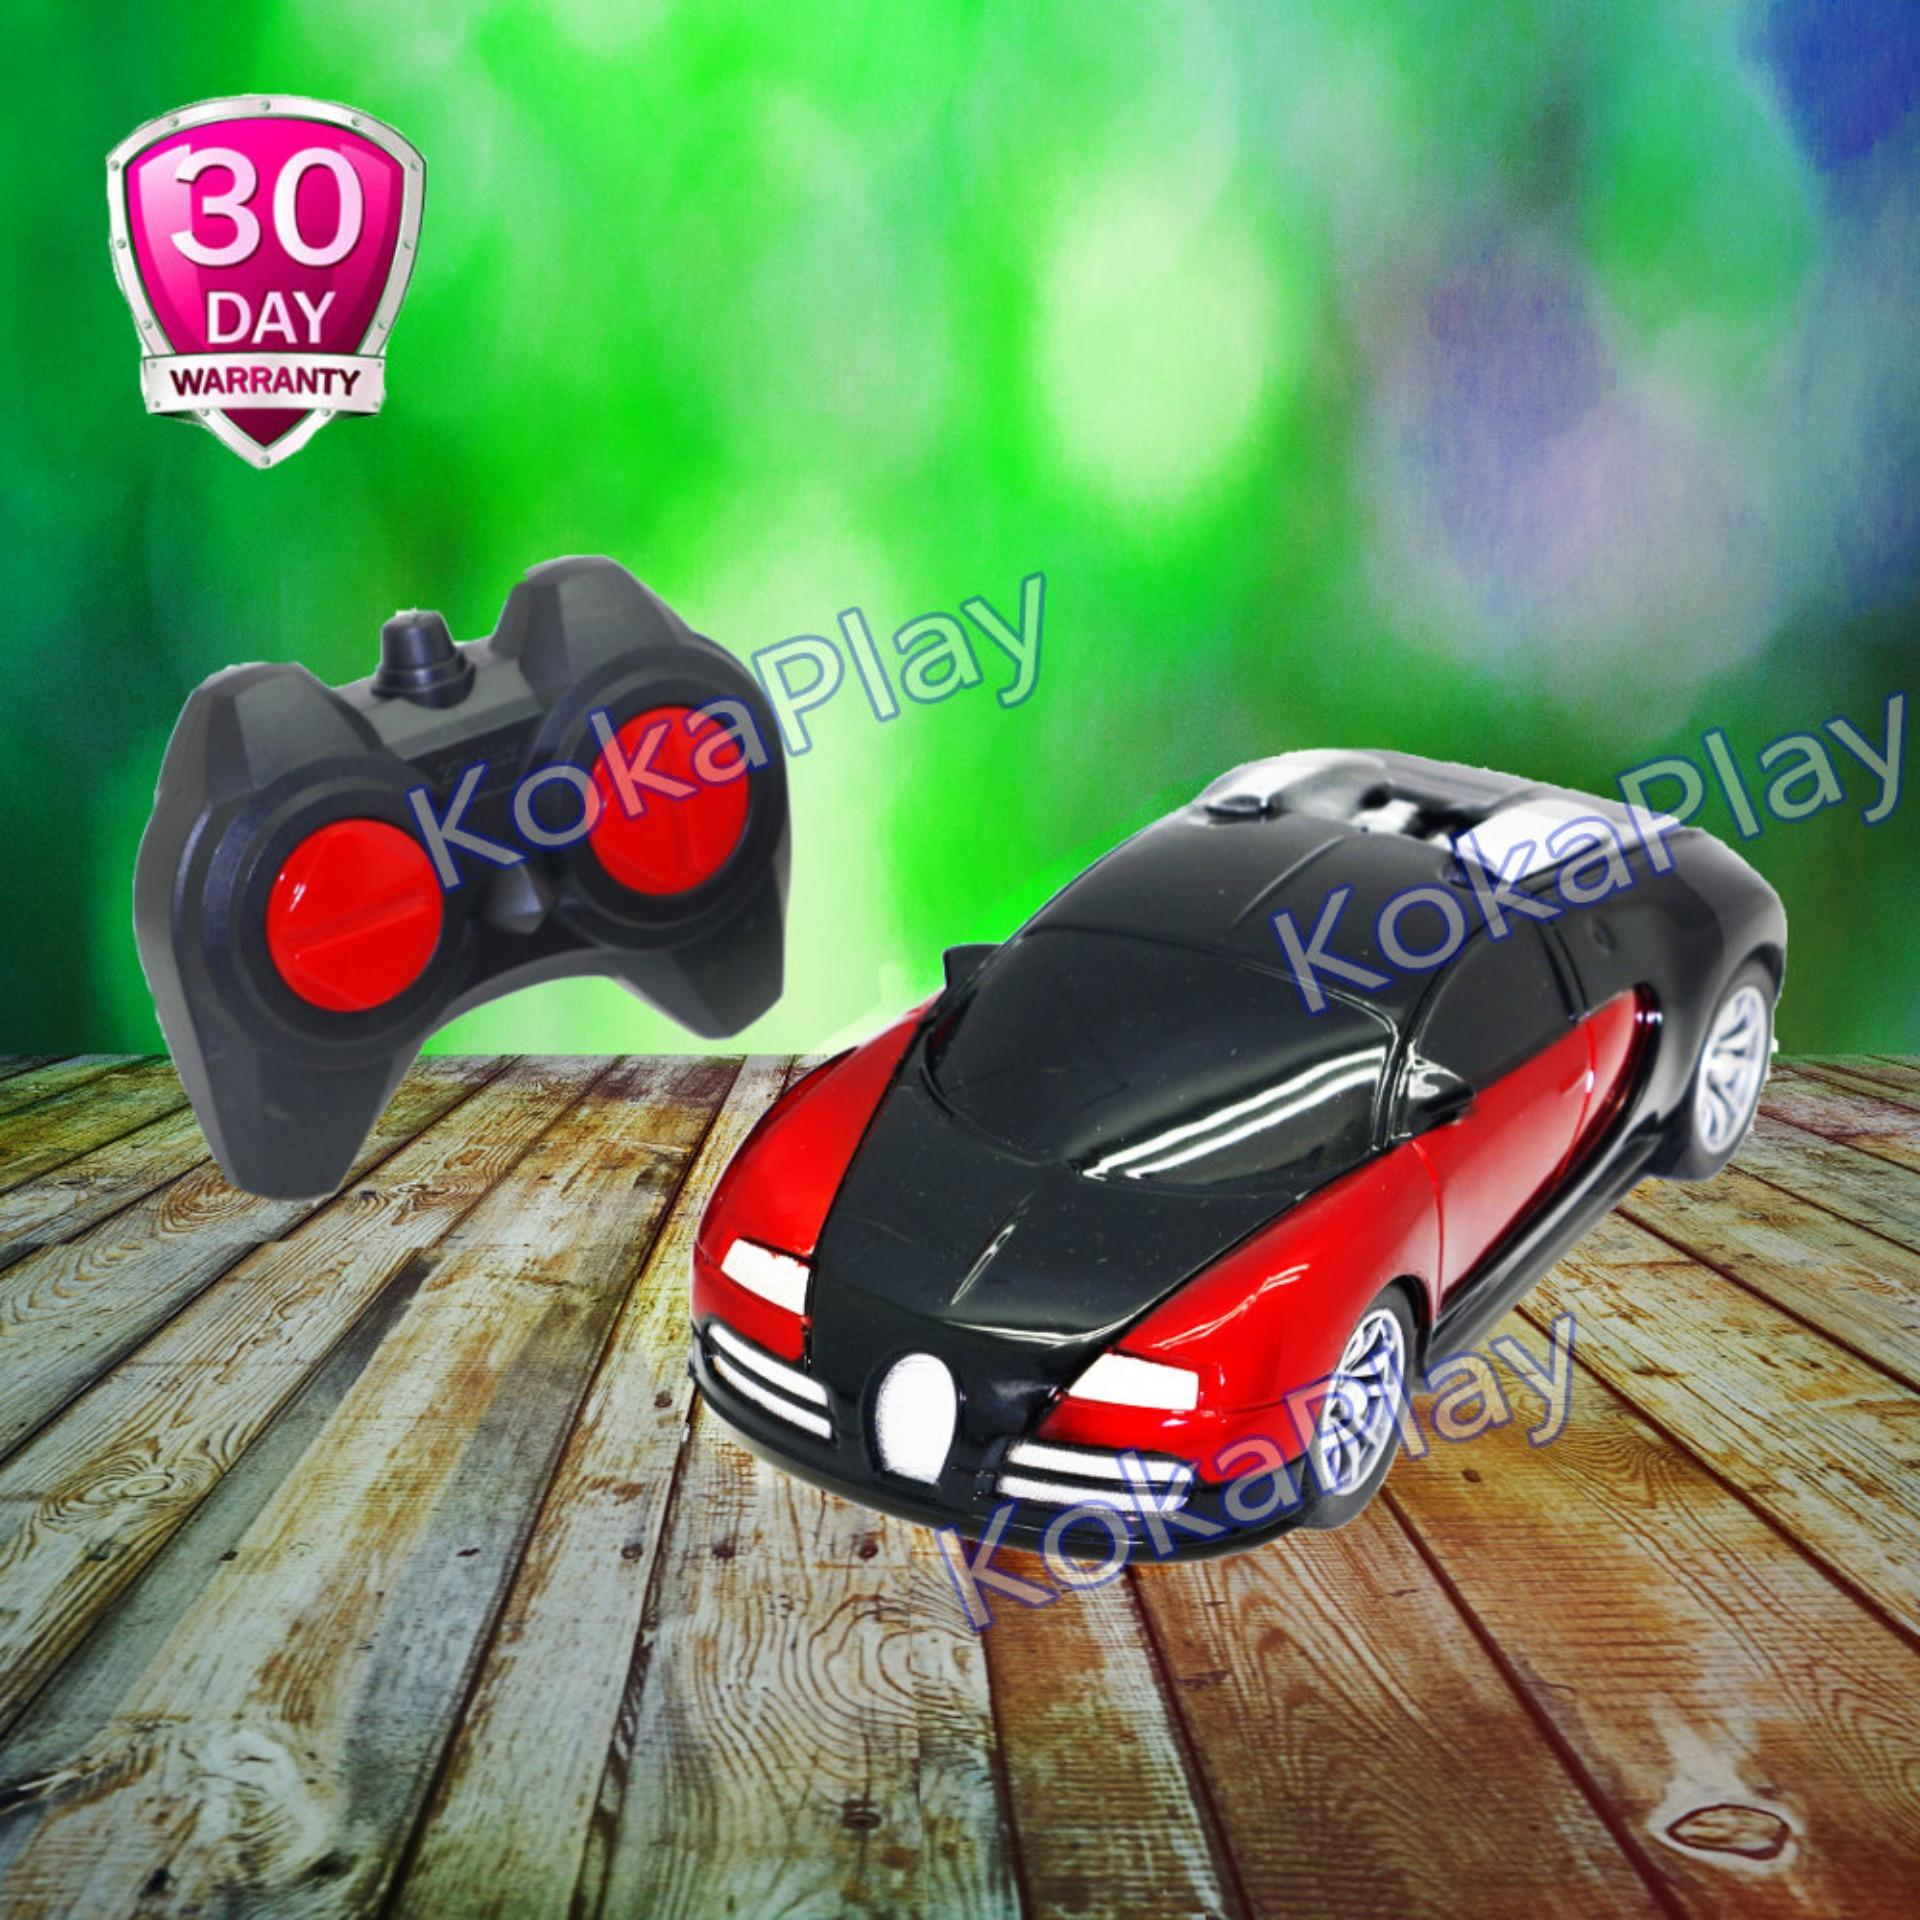 Promo Toko Kokaplay Rc Bugatti Veyron Mainan Mobil Radio Remote Control Luxury Sports Car